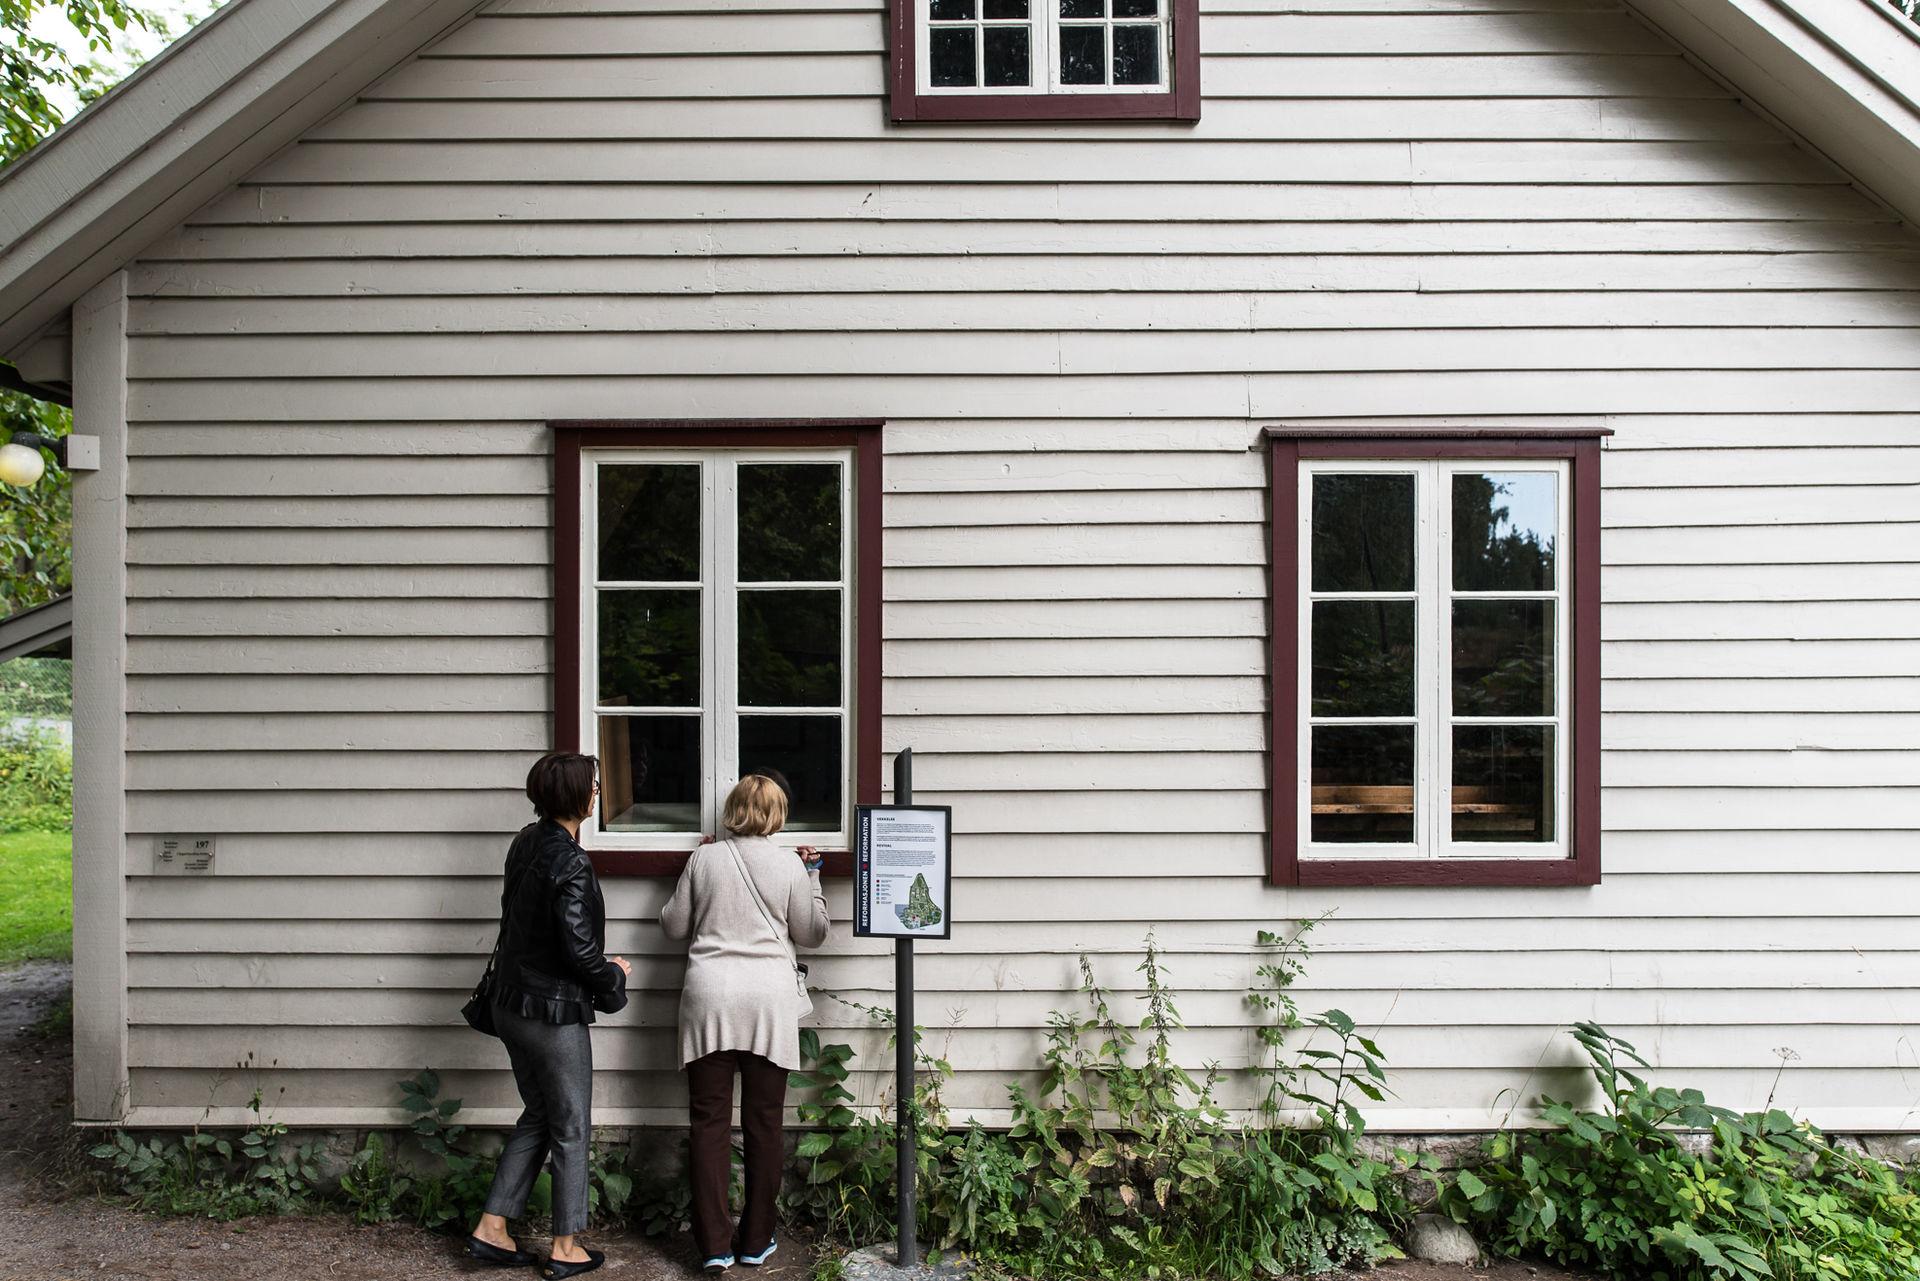 museo-casas-oslo-noruega-2017-204-58.jpg